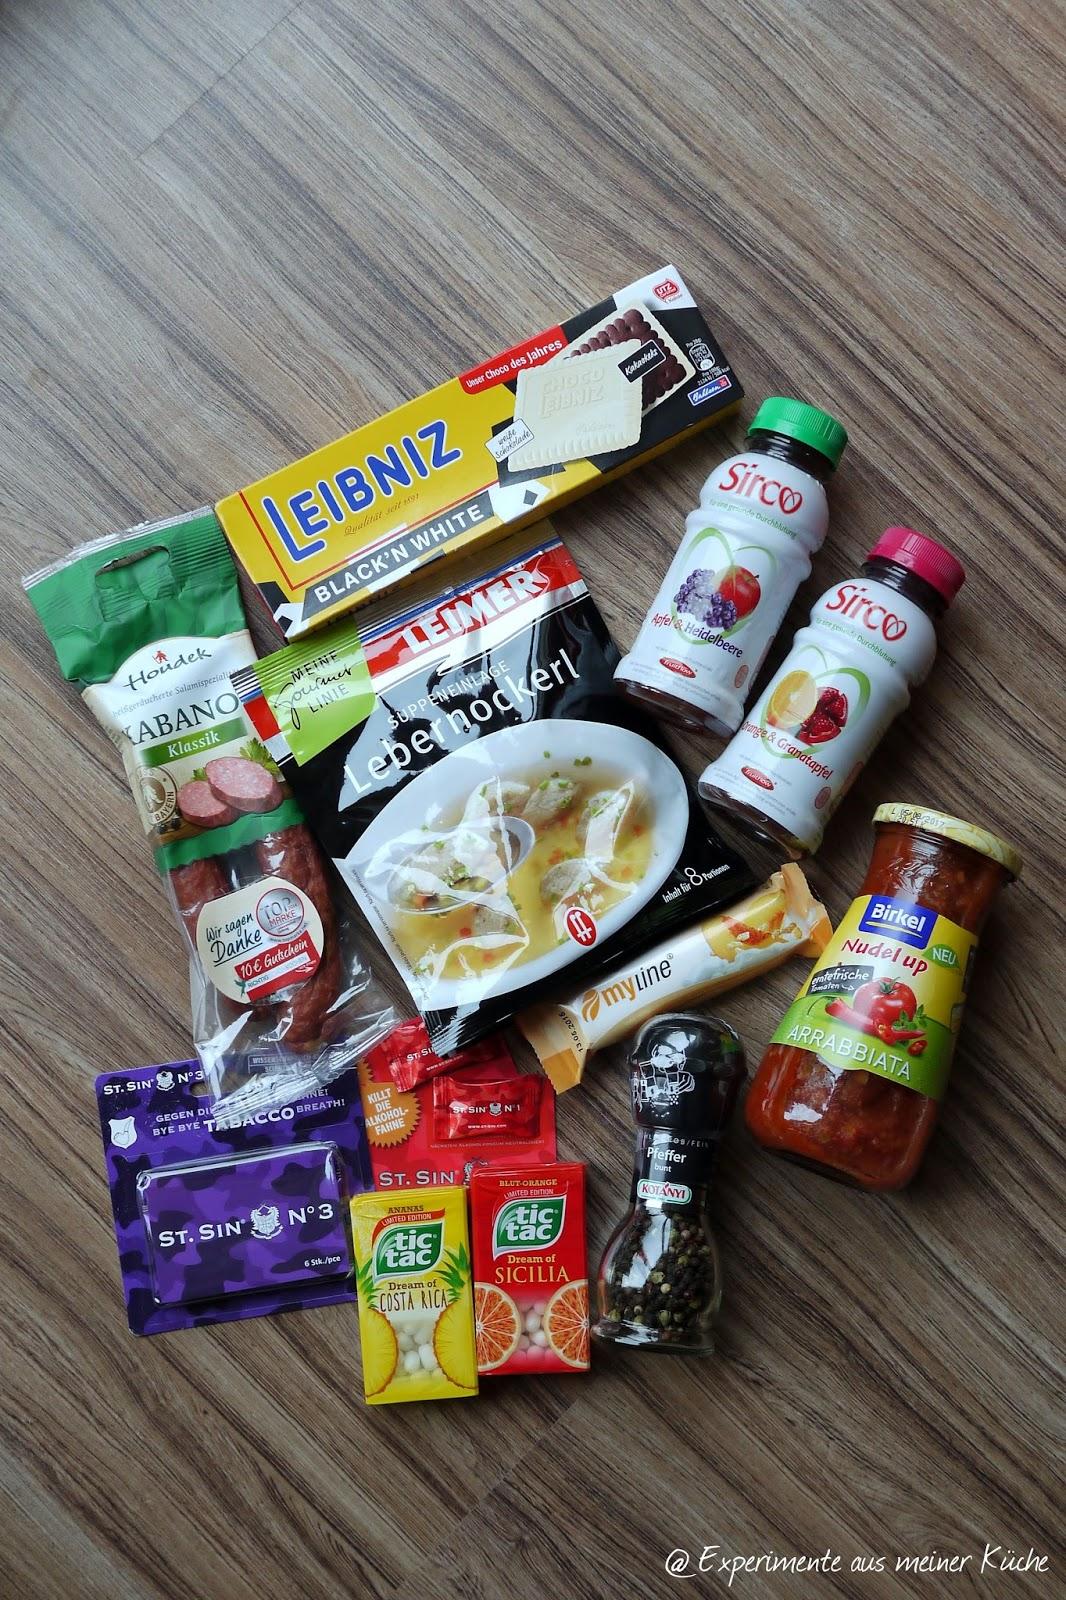 Experimente aus meiner Küche: Degustabox September